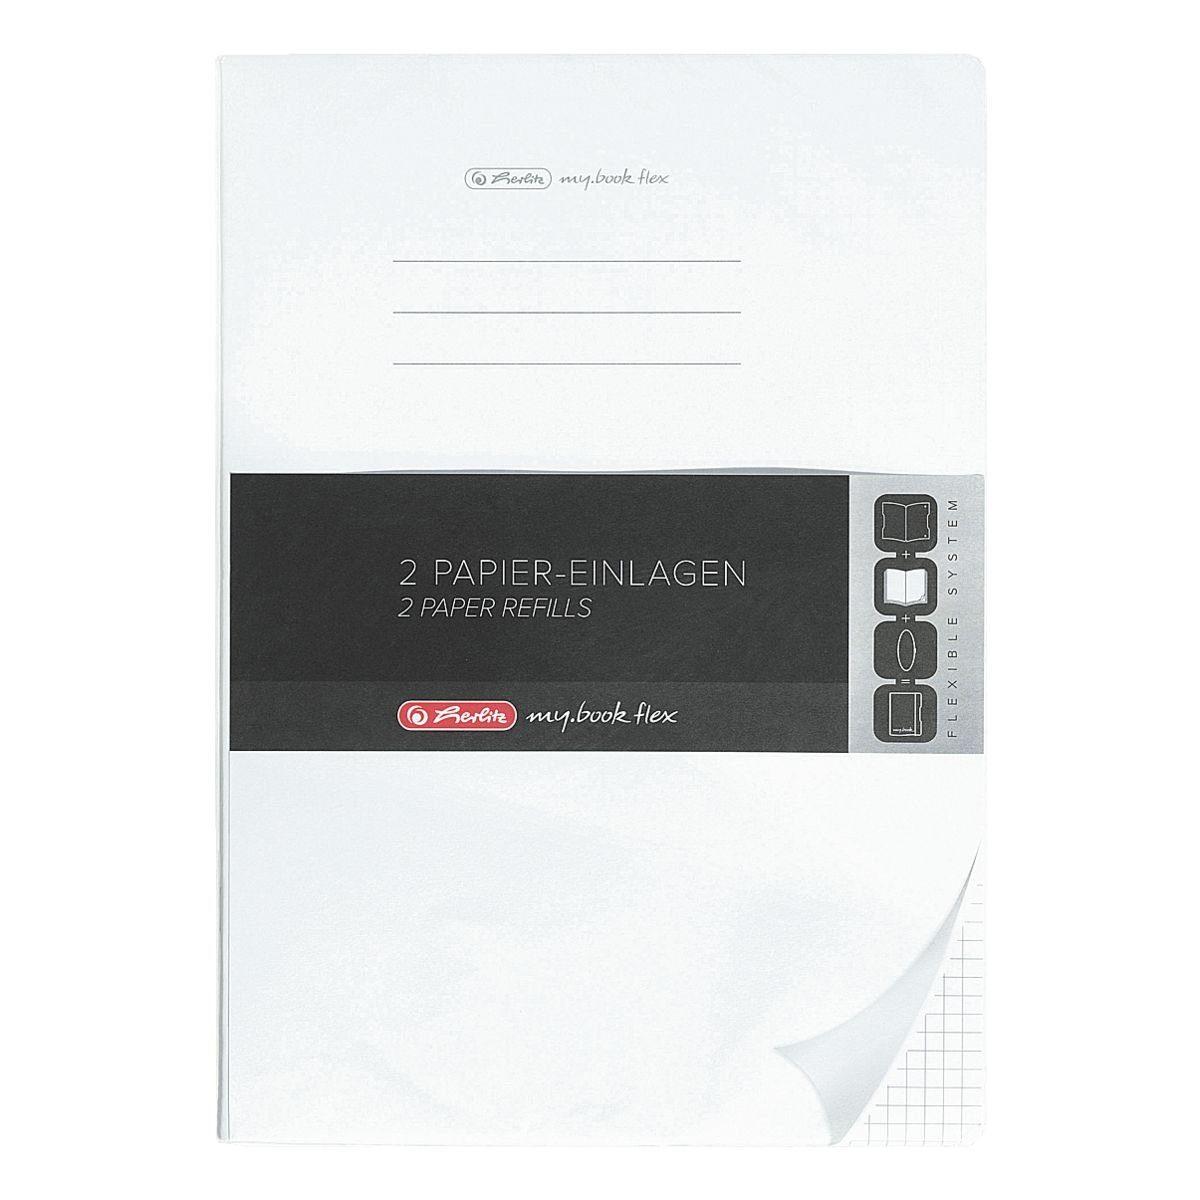 2er-Pack Papiereinlagen A4 kariert - 2x 80 Seiten »my.book flex«